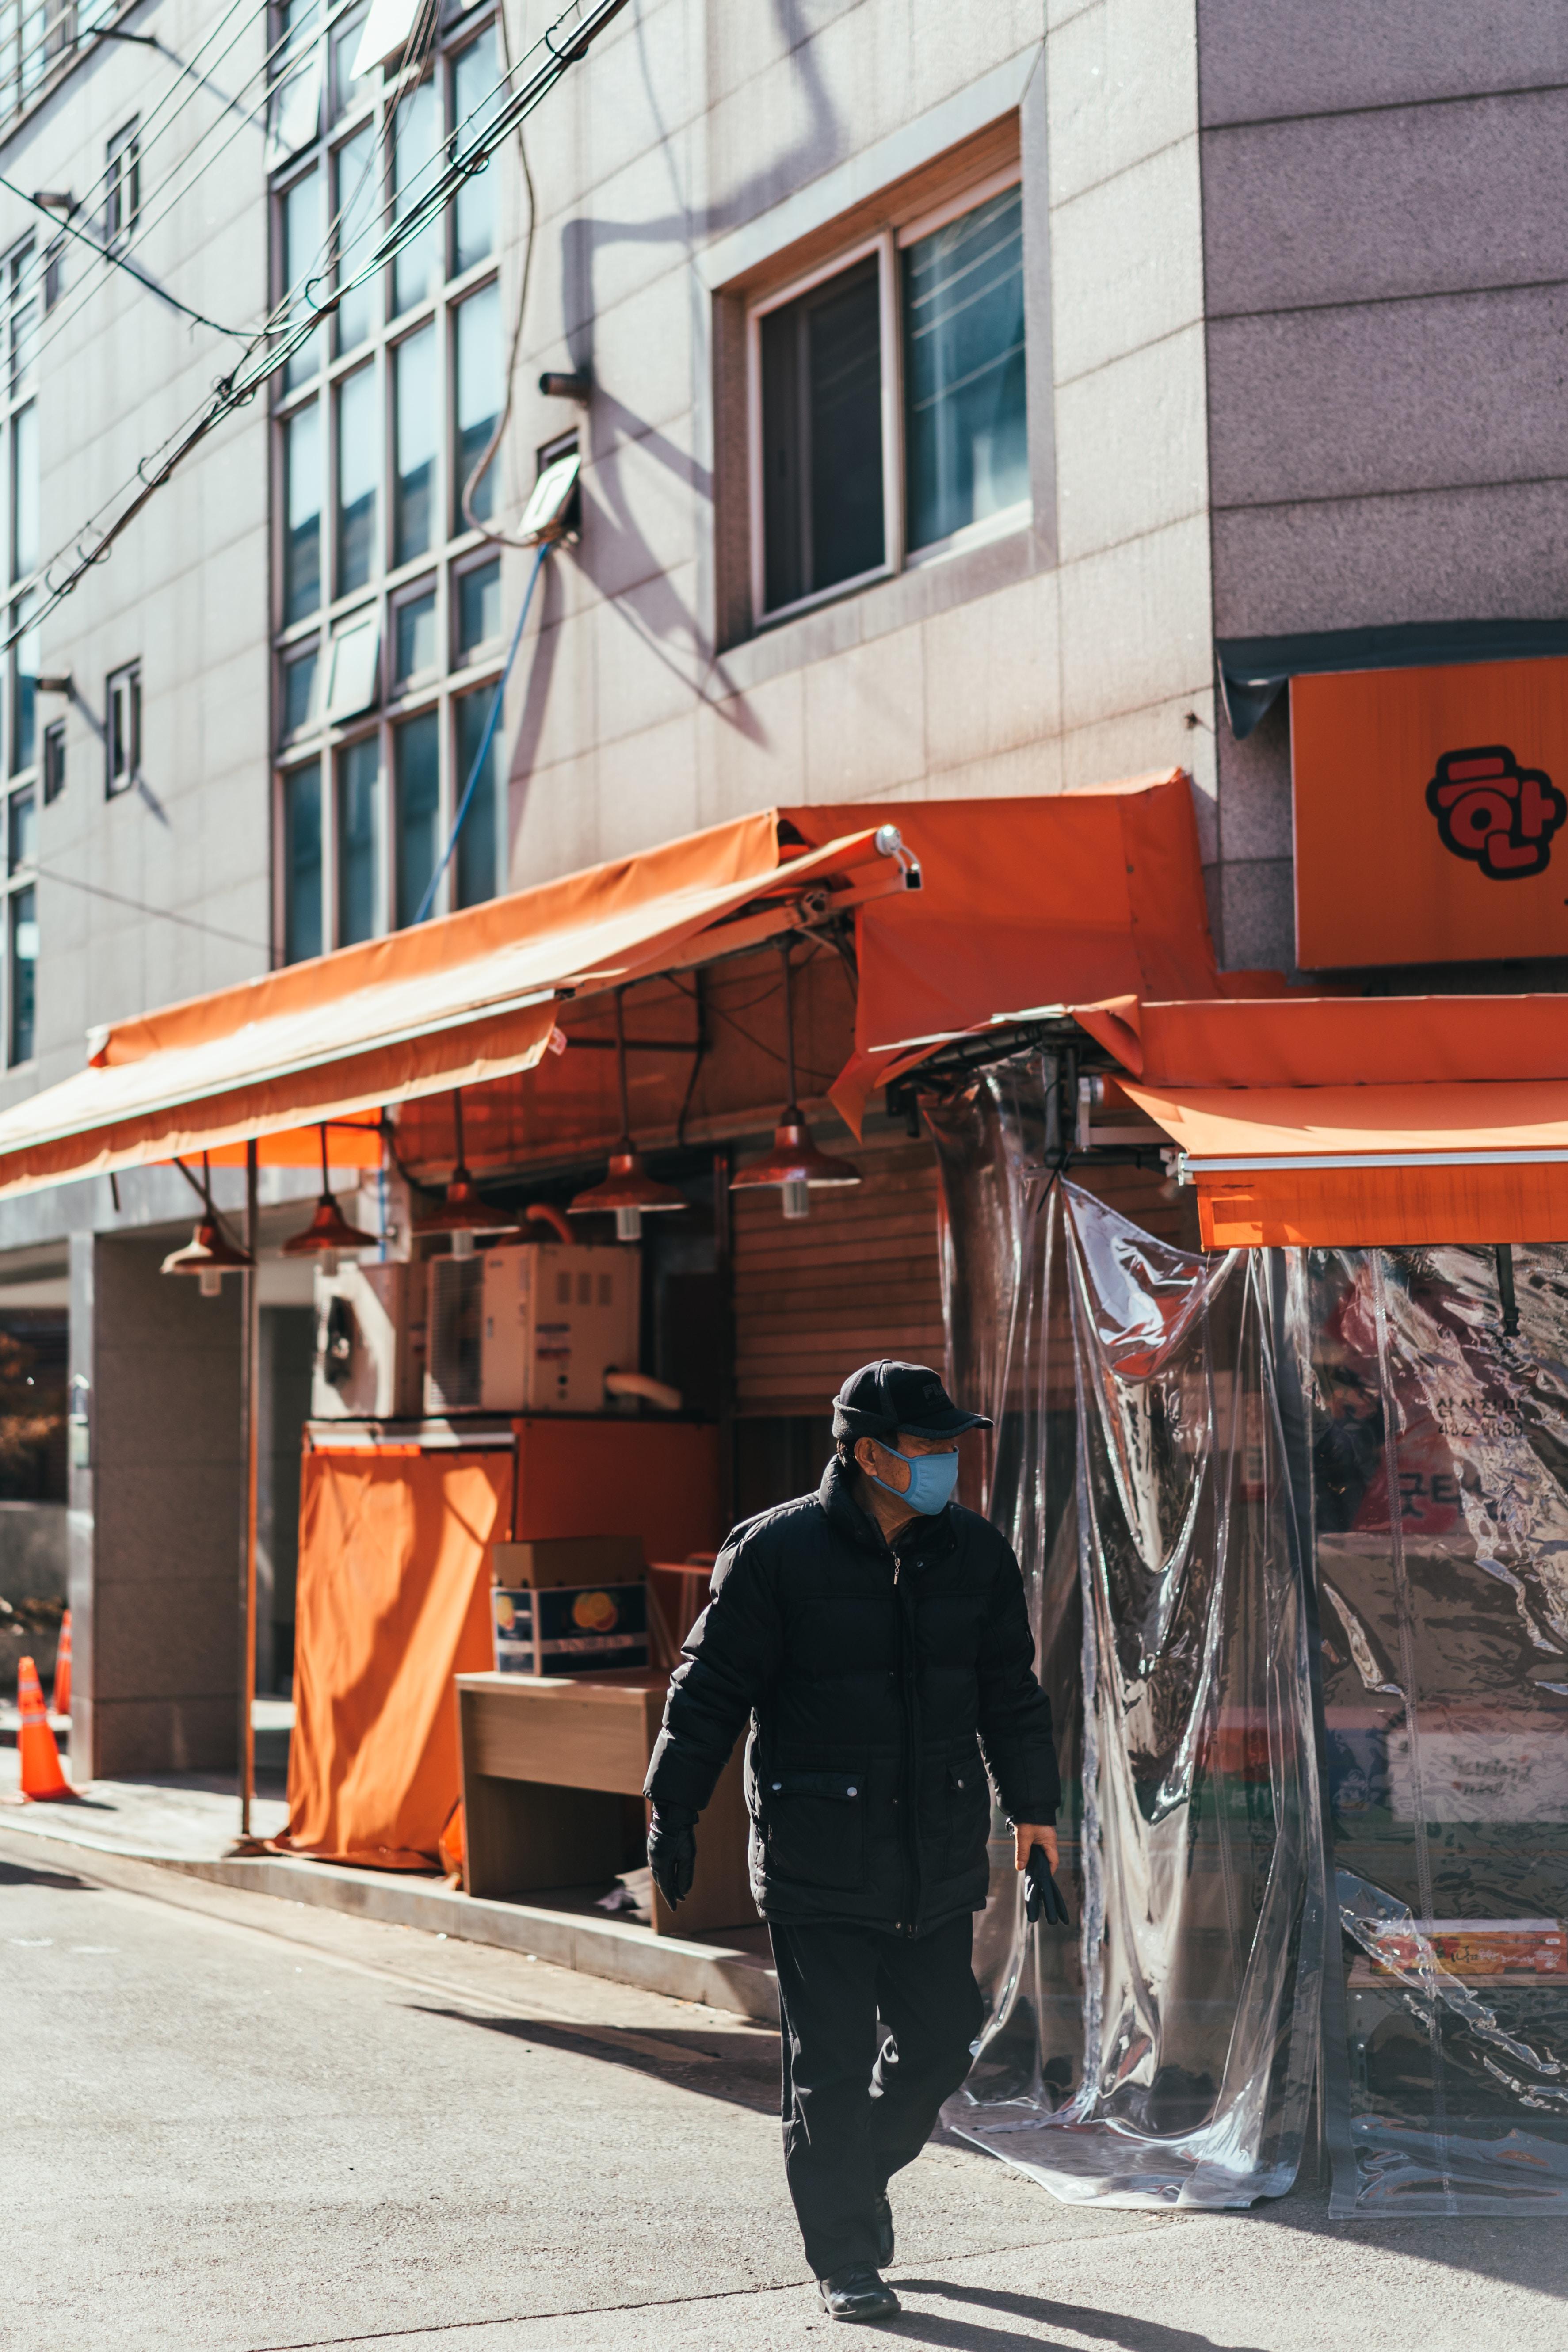 man walking on street beside store during daytime